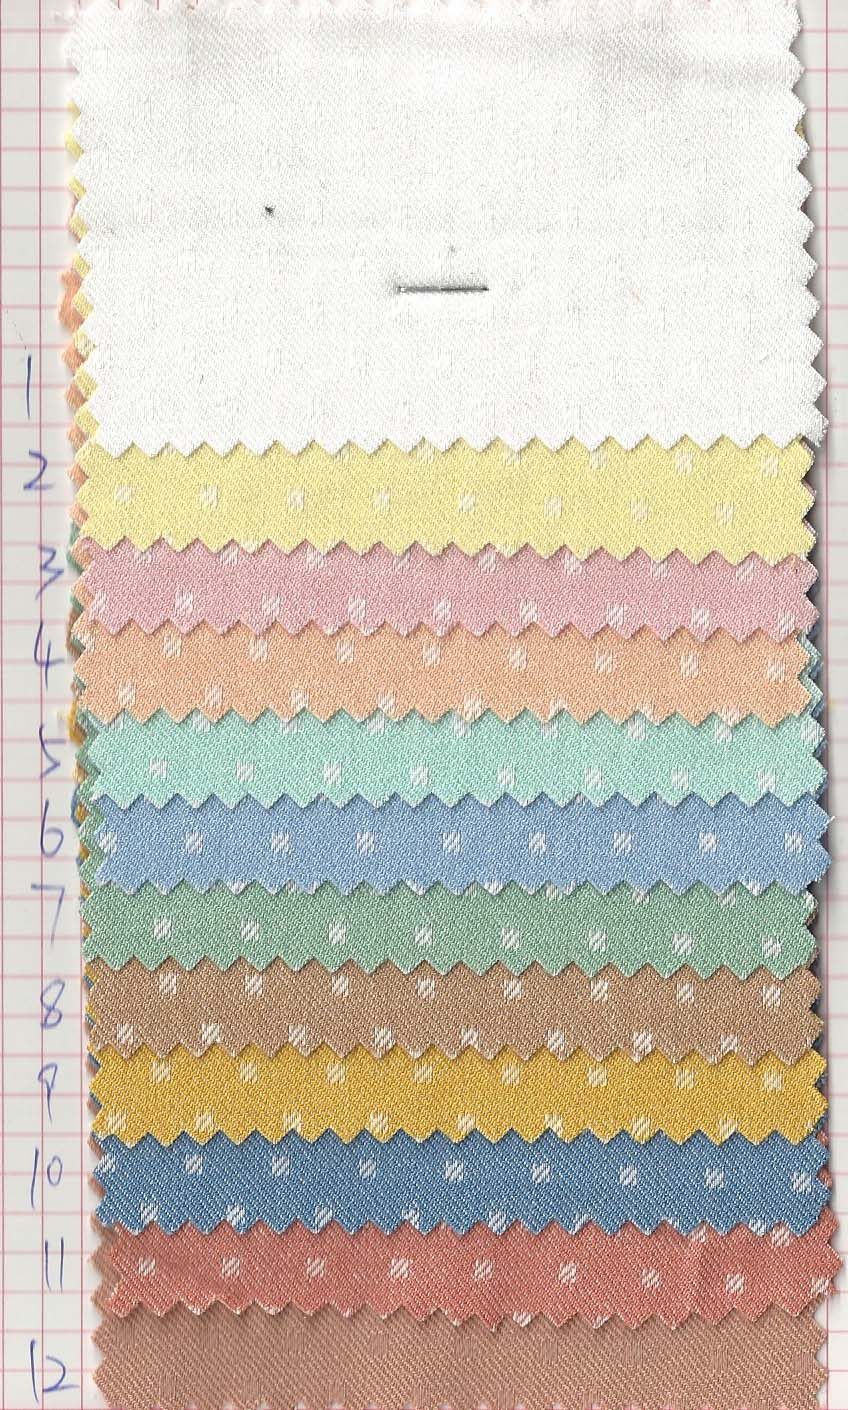 Cheng Kai Textile CK1056.jpg